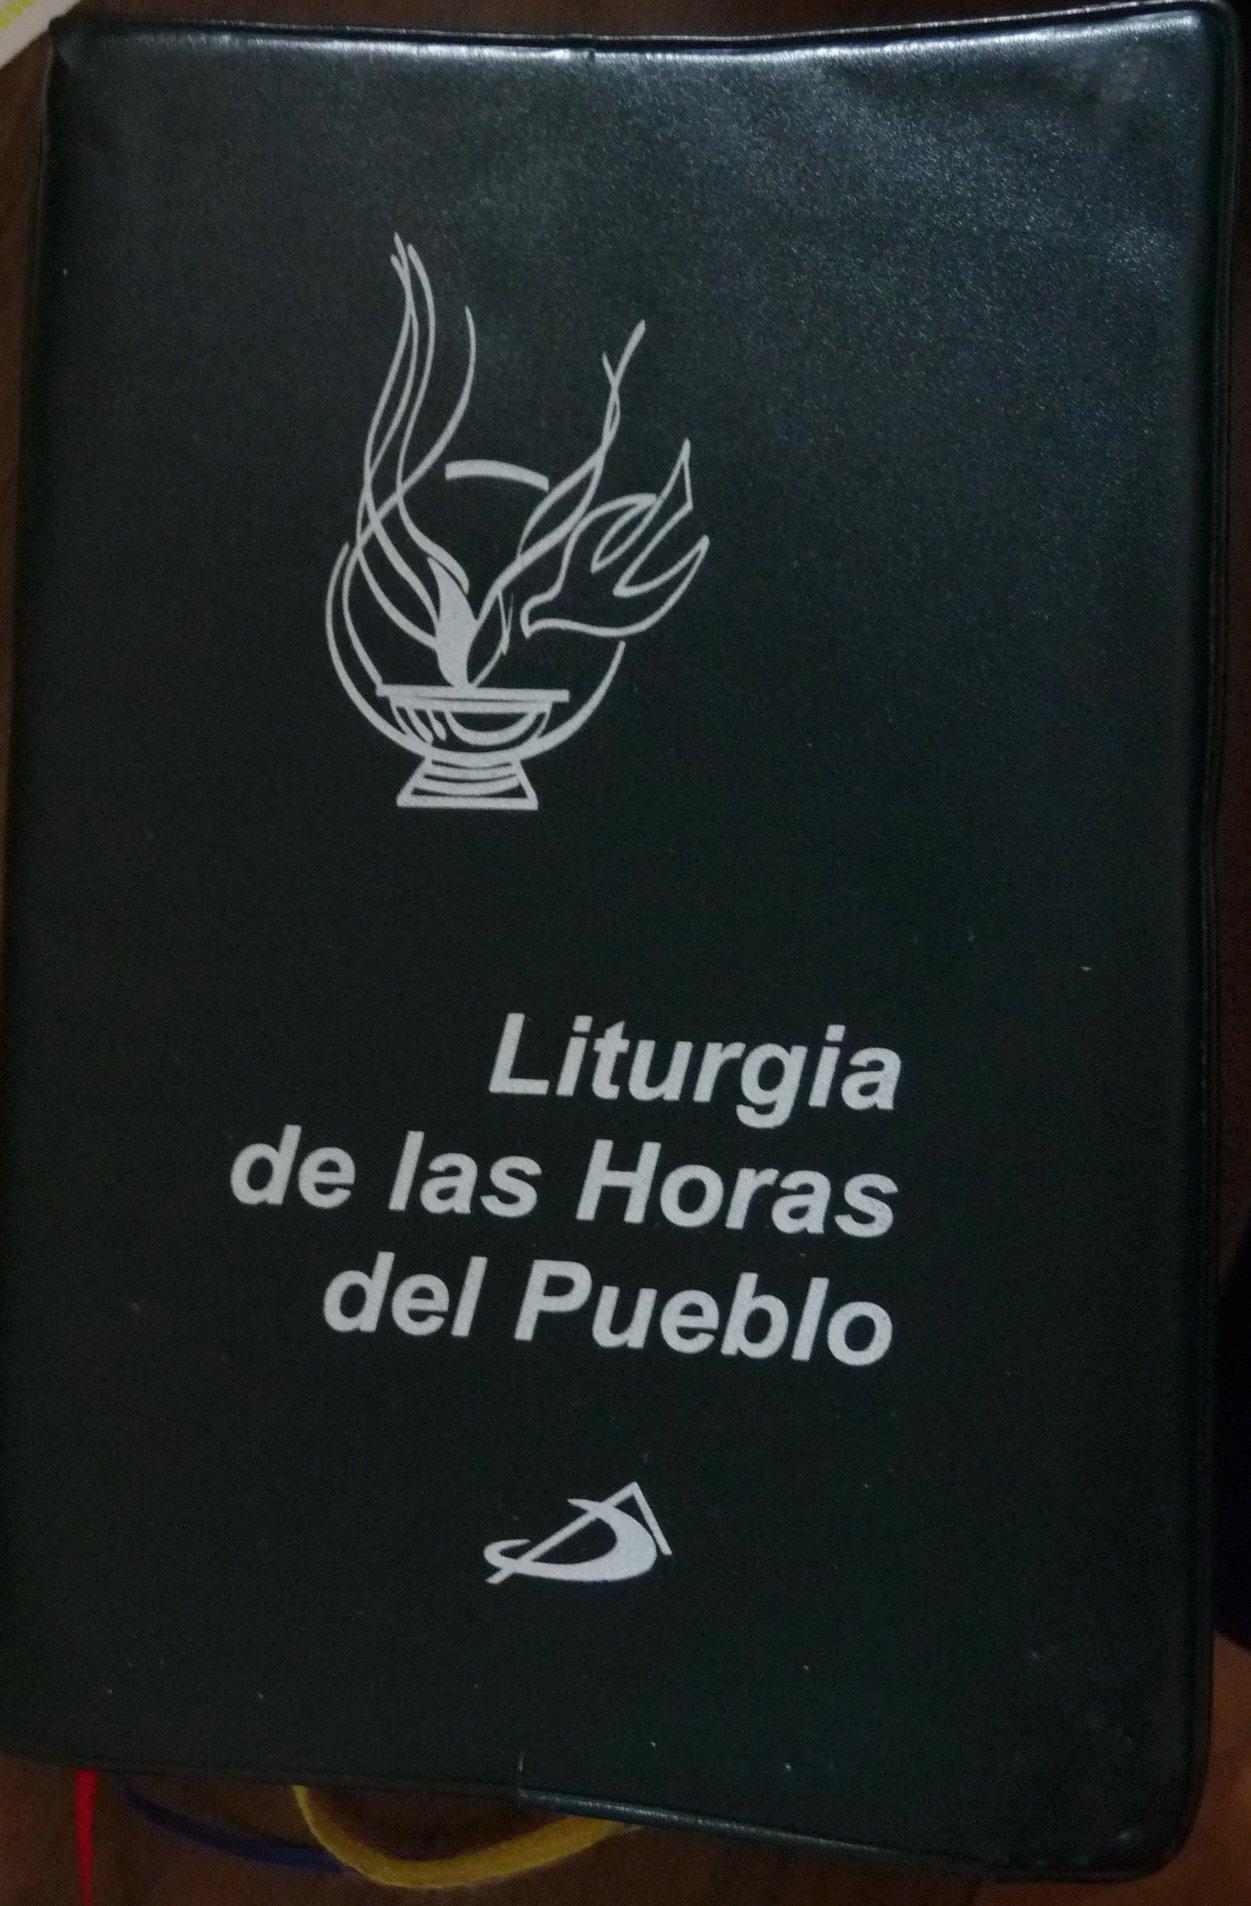 Liturgia de las Horas del Pueblo Laudes, Vesperas y Completas: Amazon.es: Propiedad de la Comision Episcopal de Liturgia, Musica y Arte Sacro de Mexico: Libros